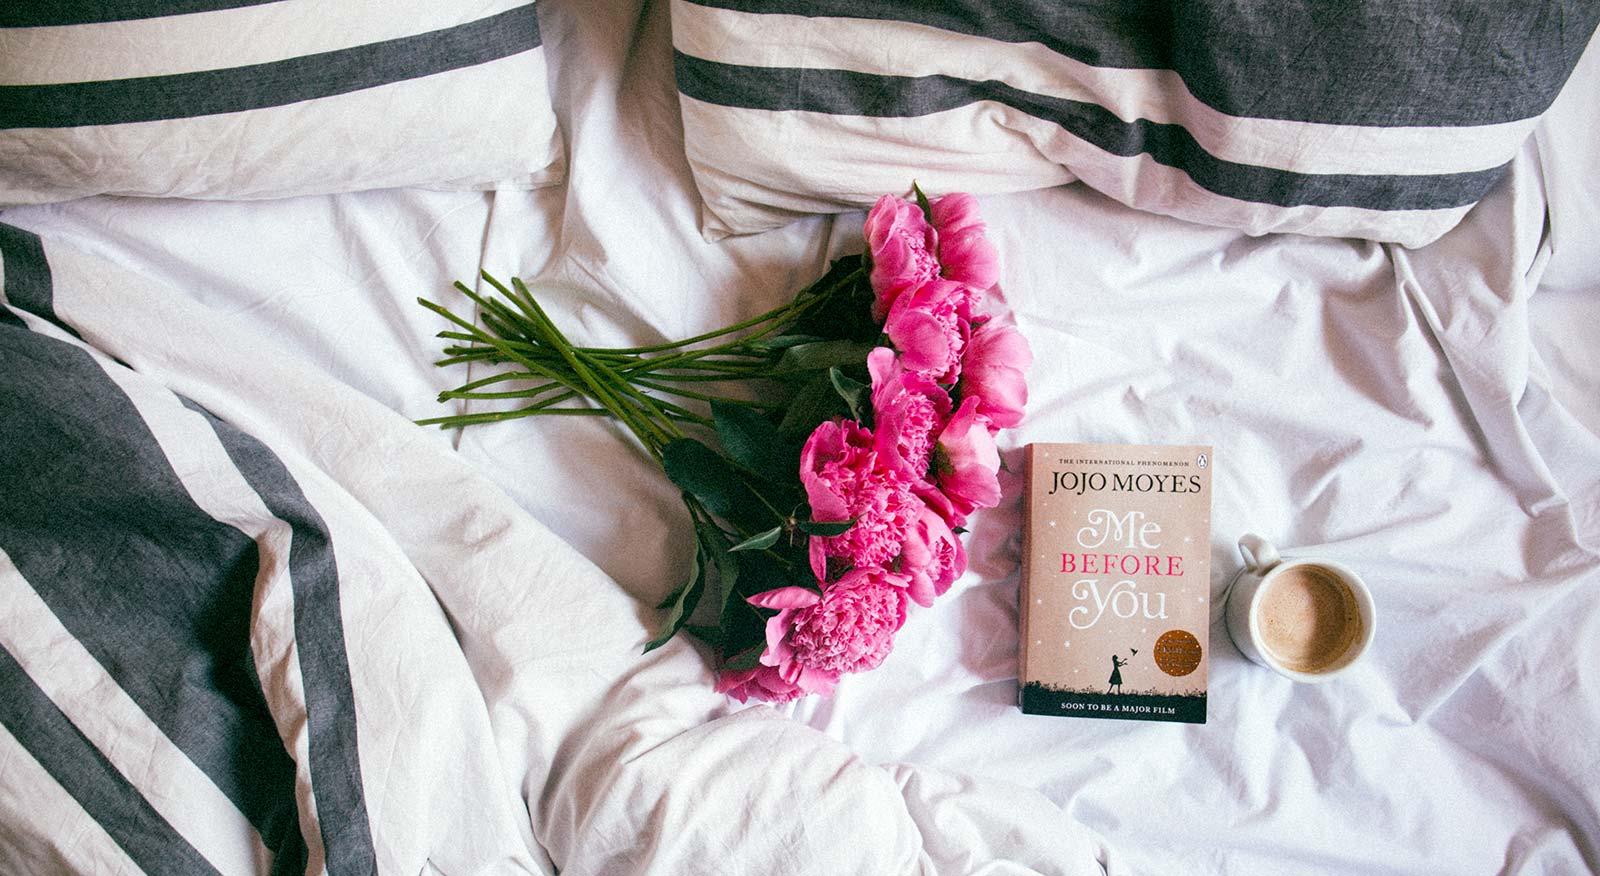 Saint Valentin à l'hôtel du Domaine de Bellevue, profitez de nos offres, forfaits et coffrets cadeaux dédiés aux amoureux et aux couples